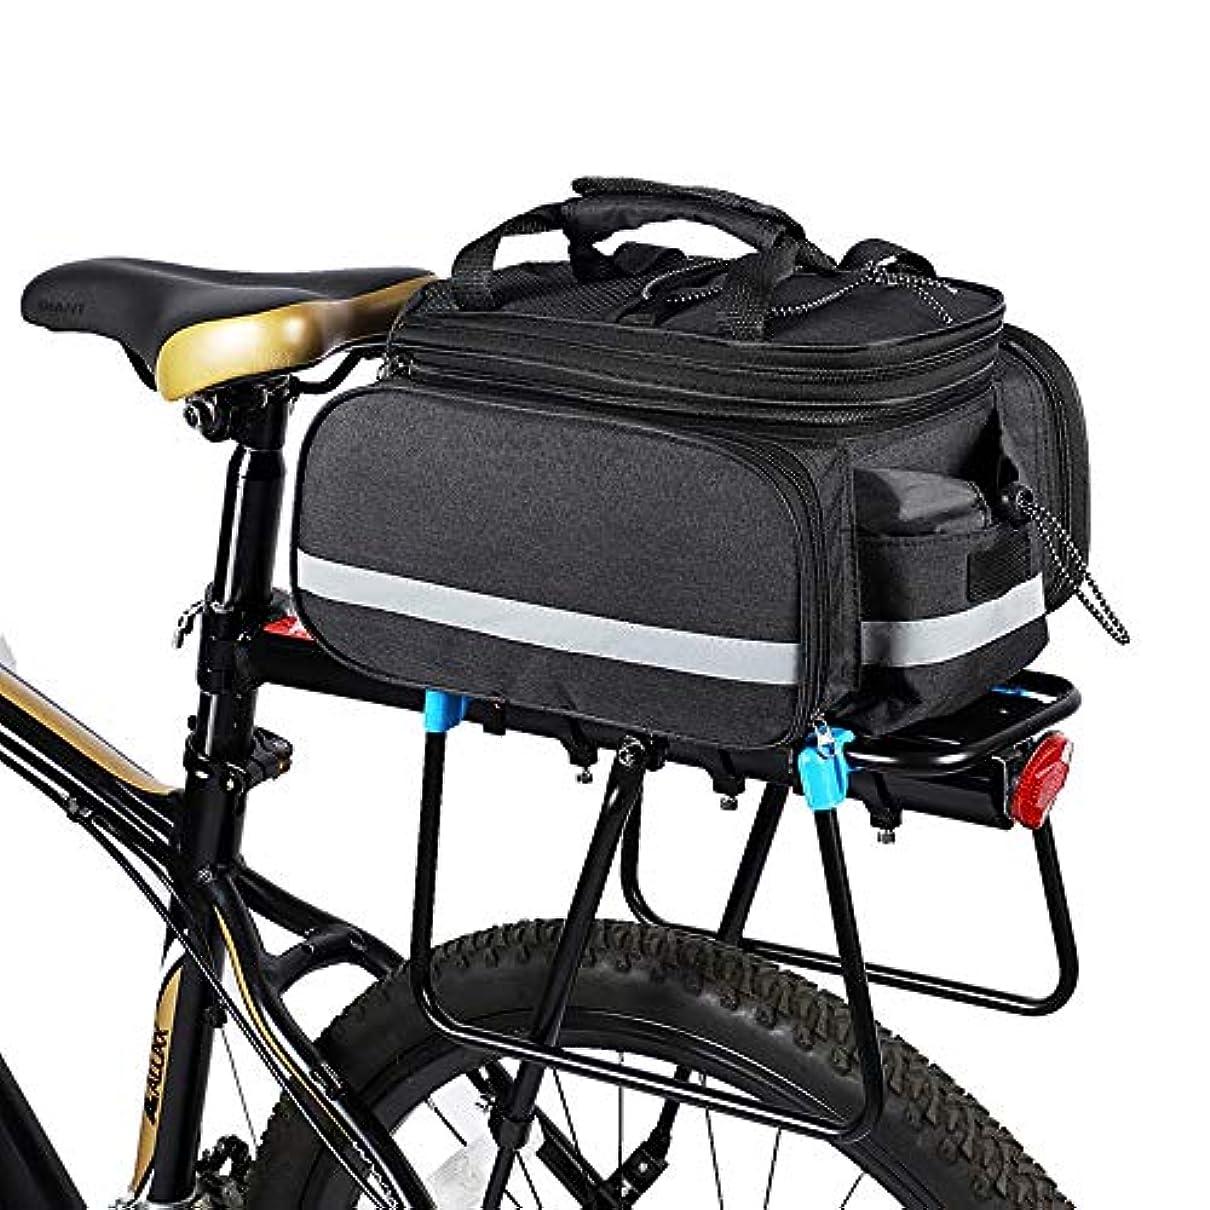 アルコール記念碑的ななだめるバイクの後部座席トランク袋、雨カバーが付いている防水自転車袋の自転車のサドルバッグの大きい容量